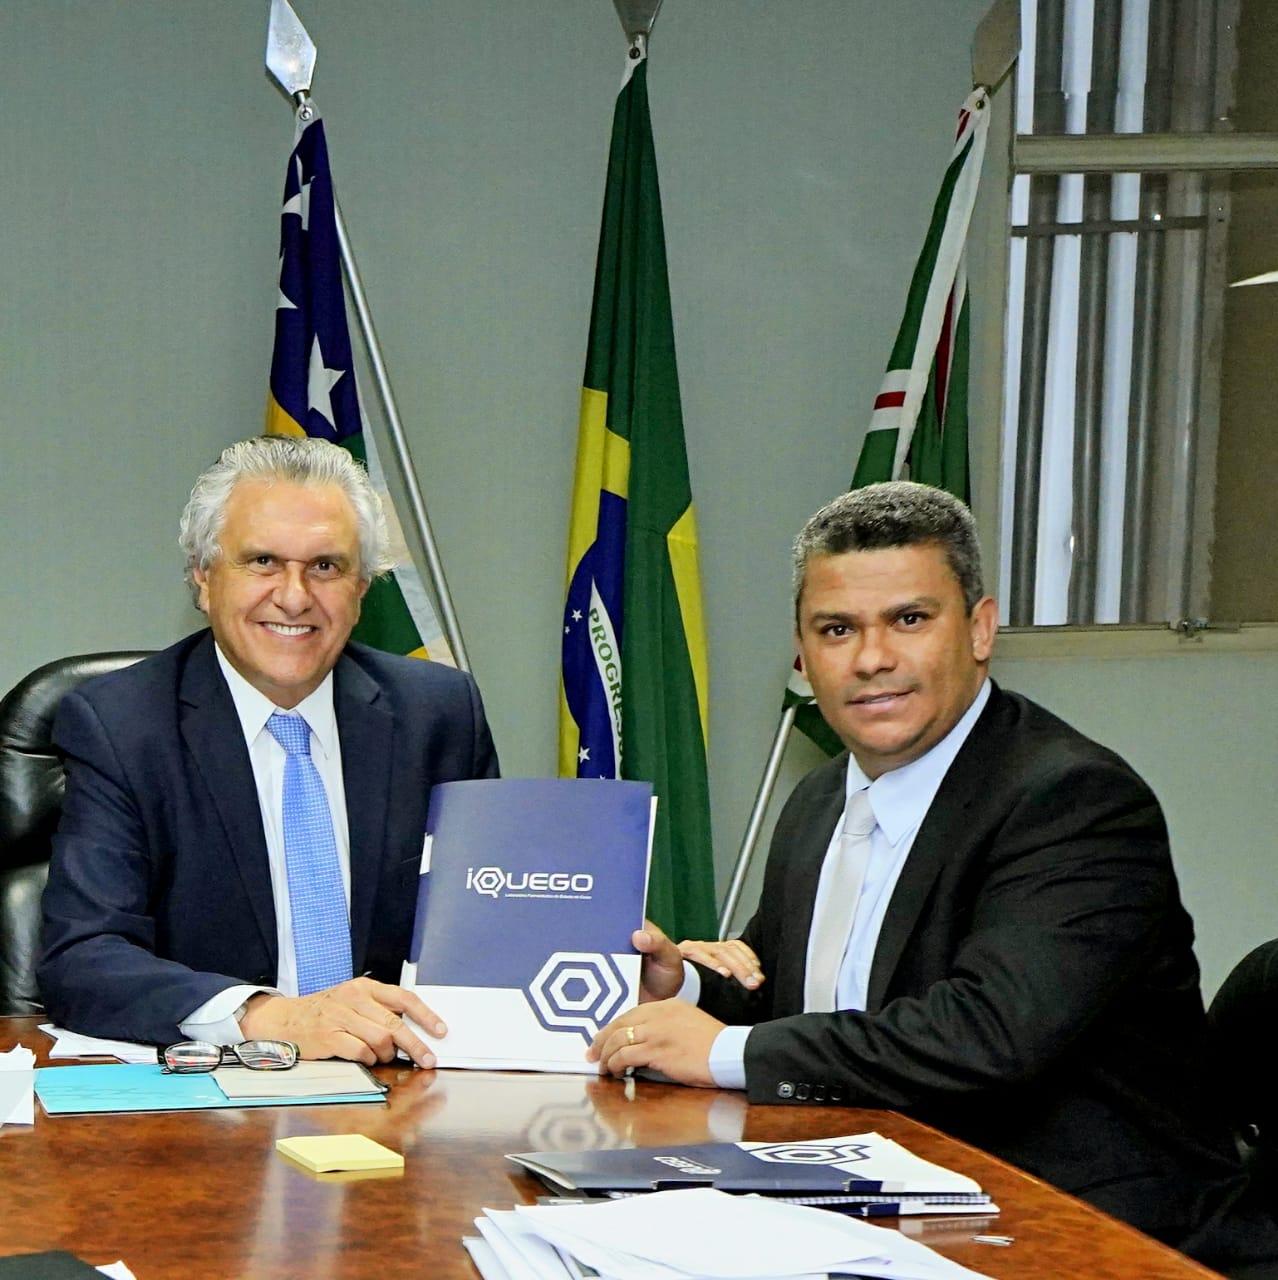 Denes Pereira é o novo chefe da Iquego